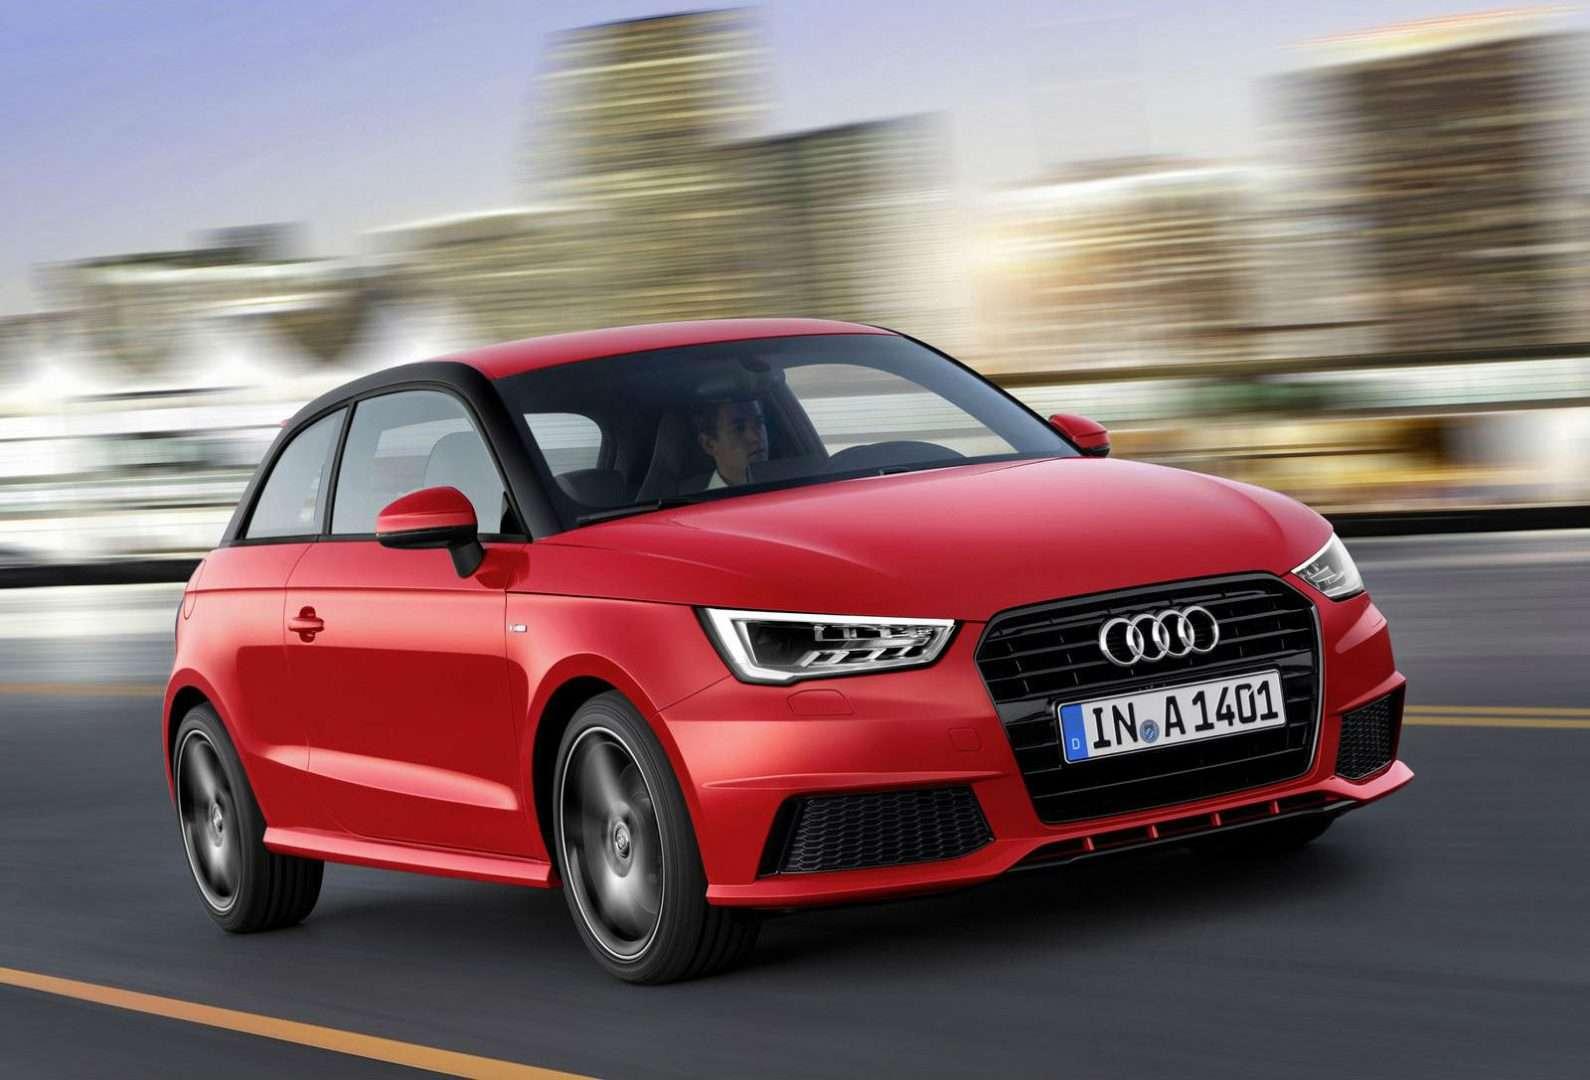 audi a1 - Audi A1 1.4 Tdi